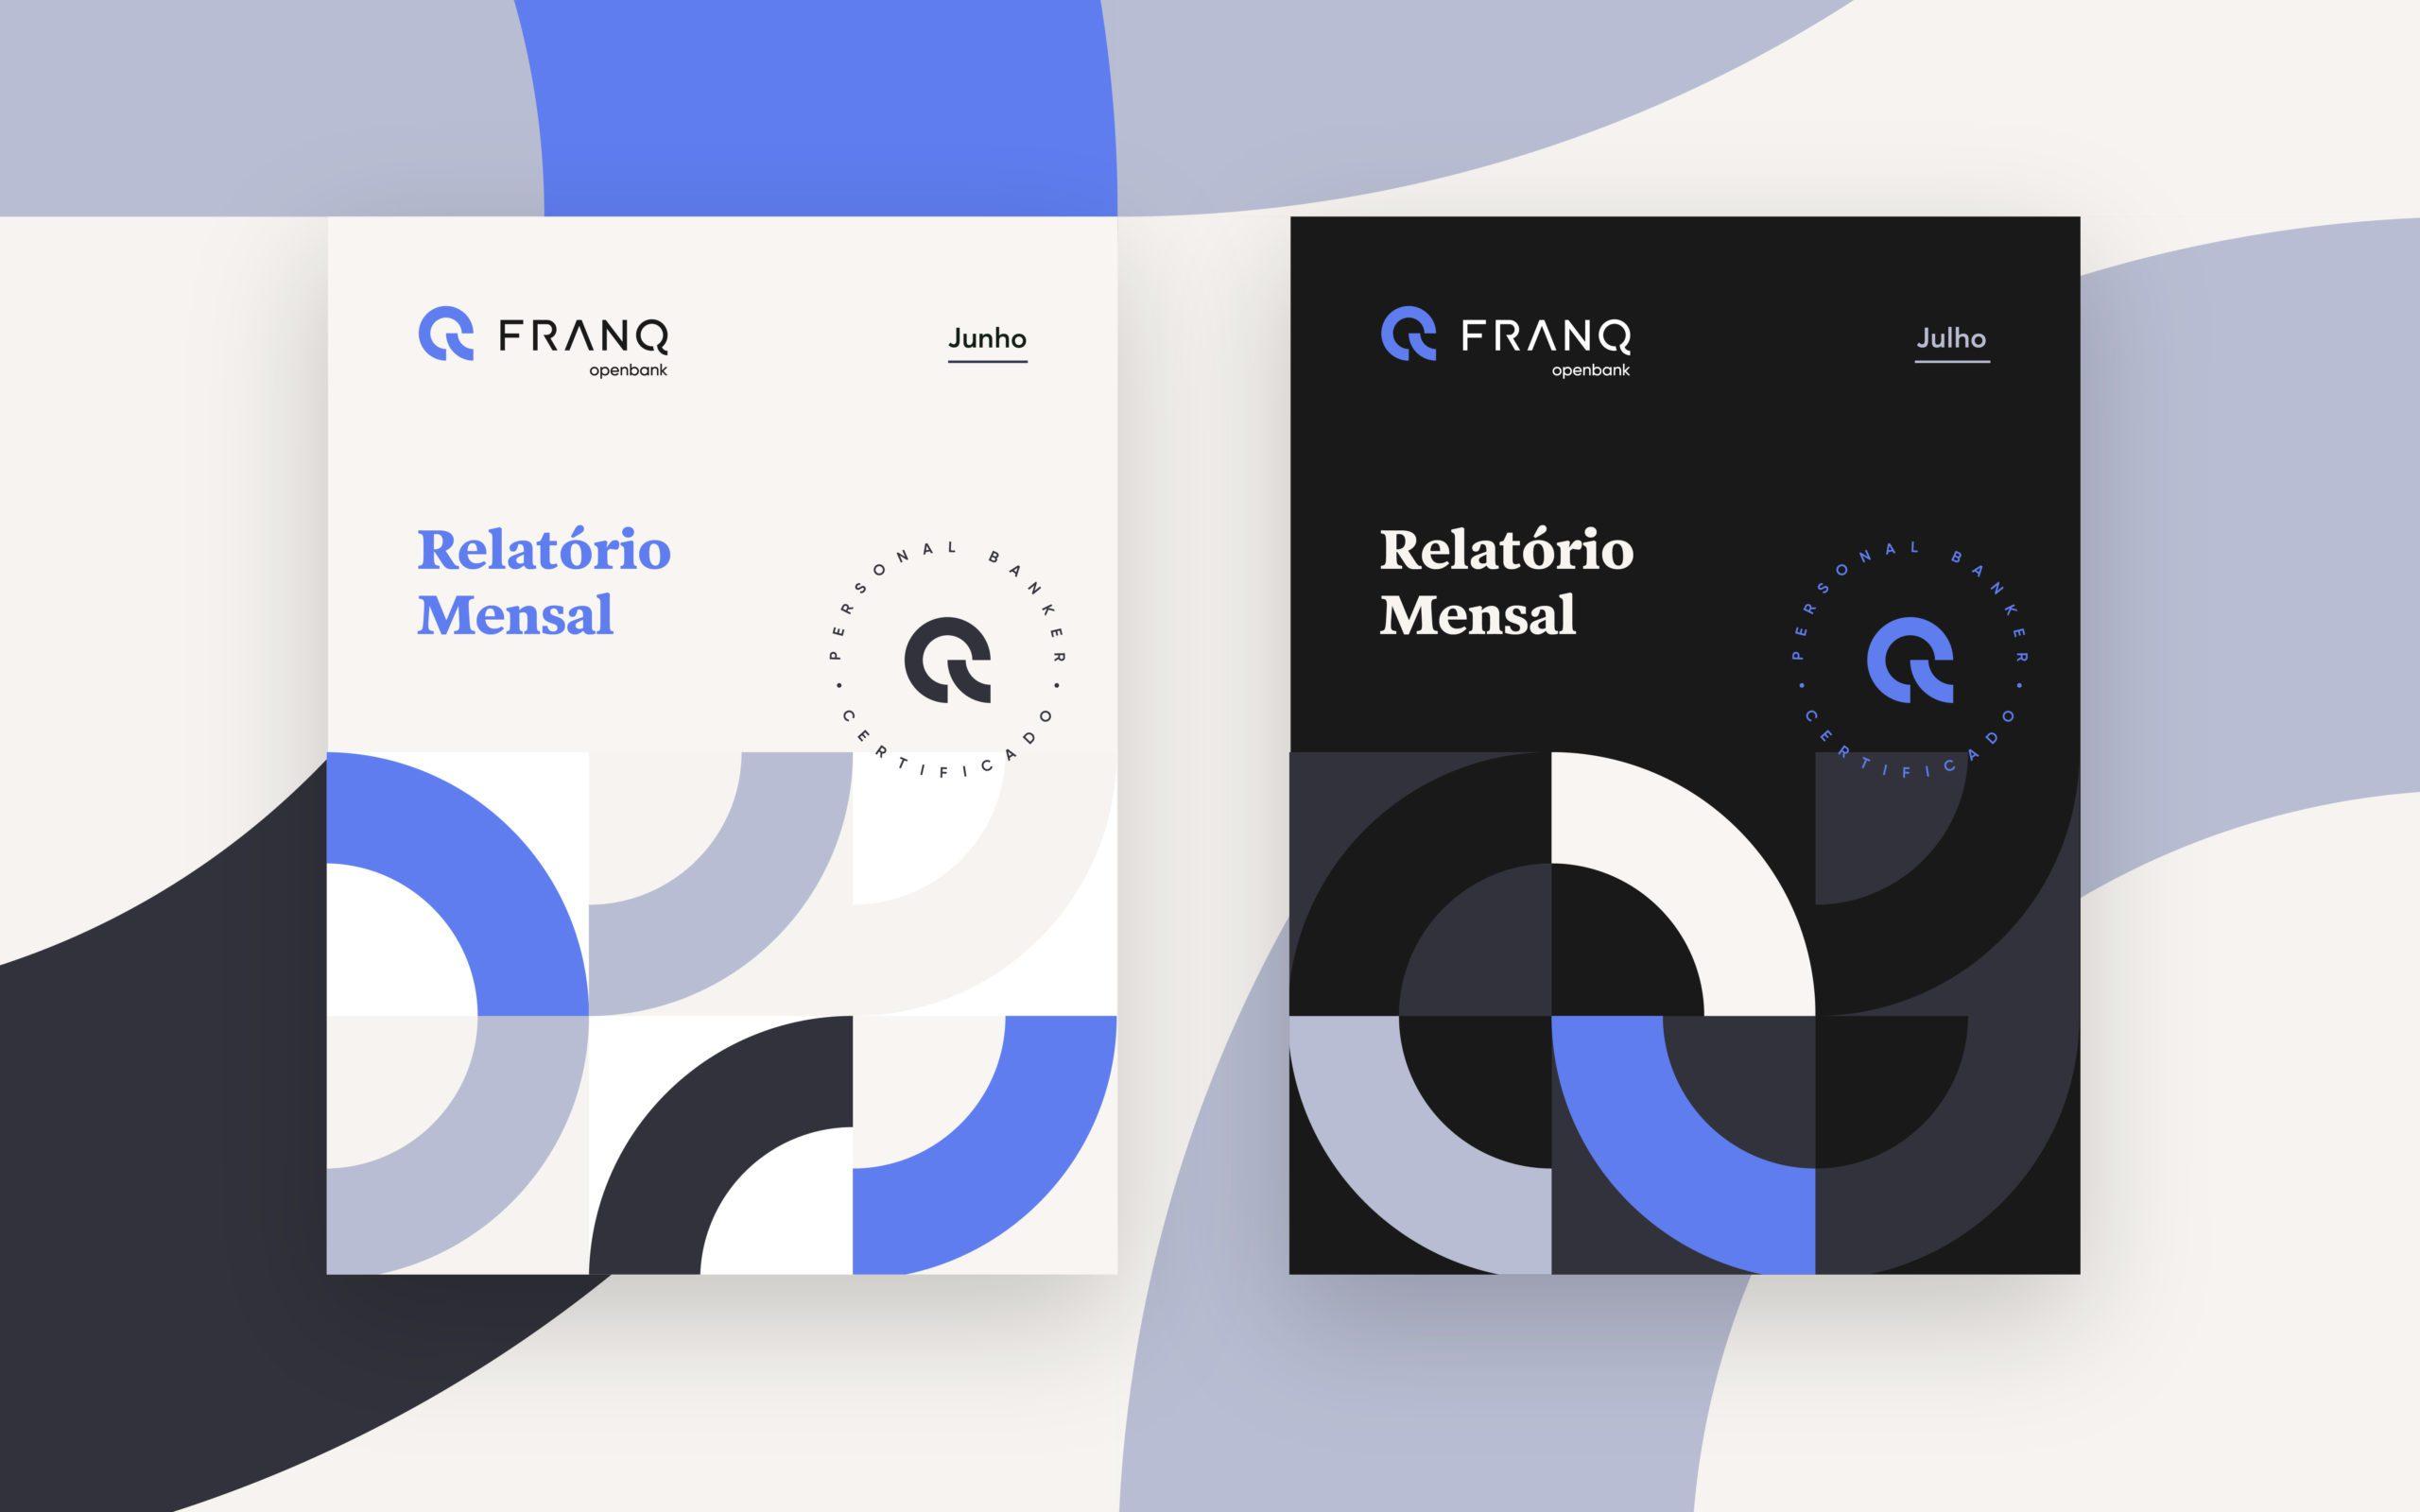 branding-fintech-startups-openbank-27